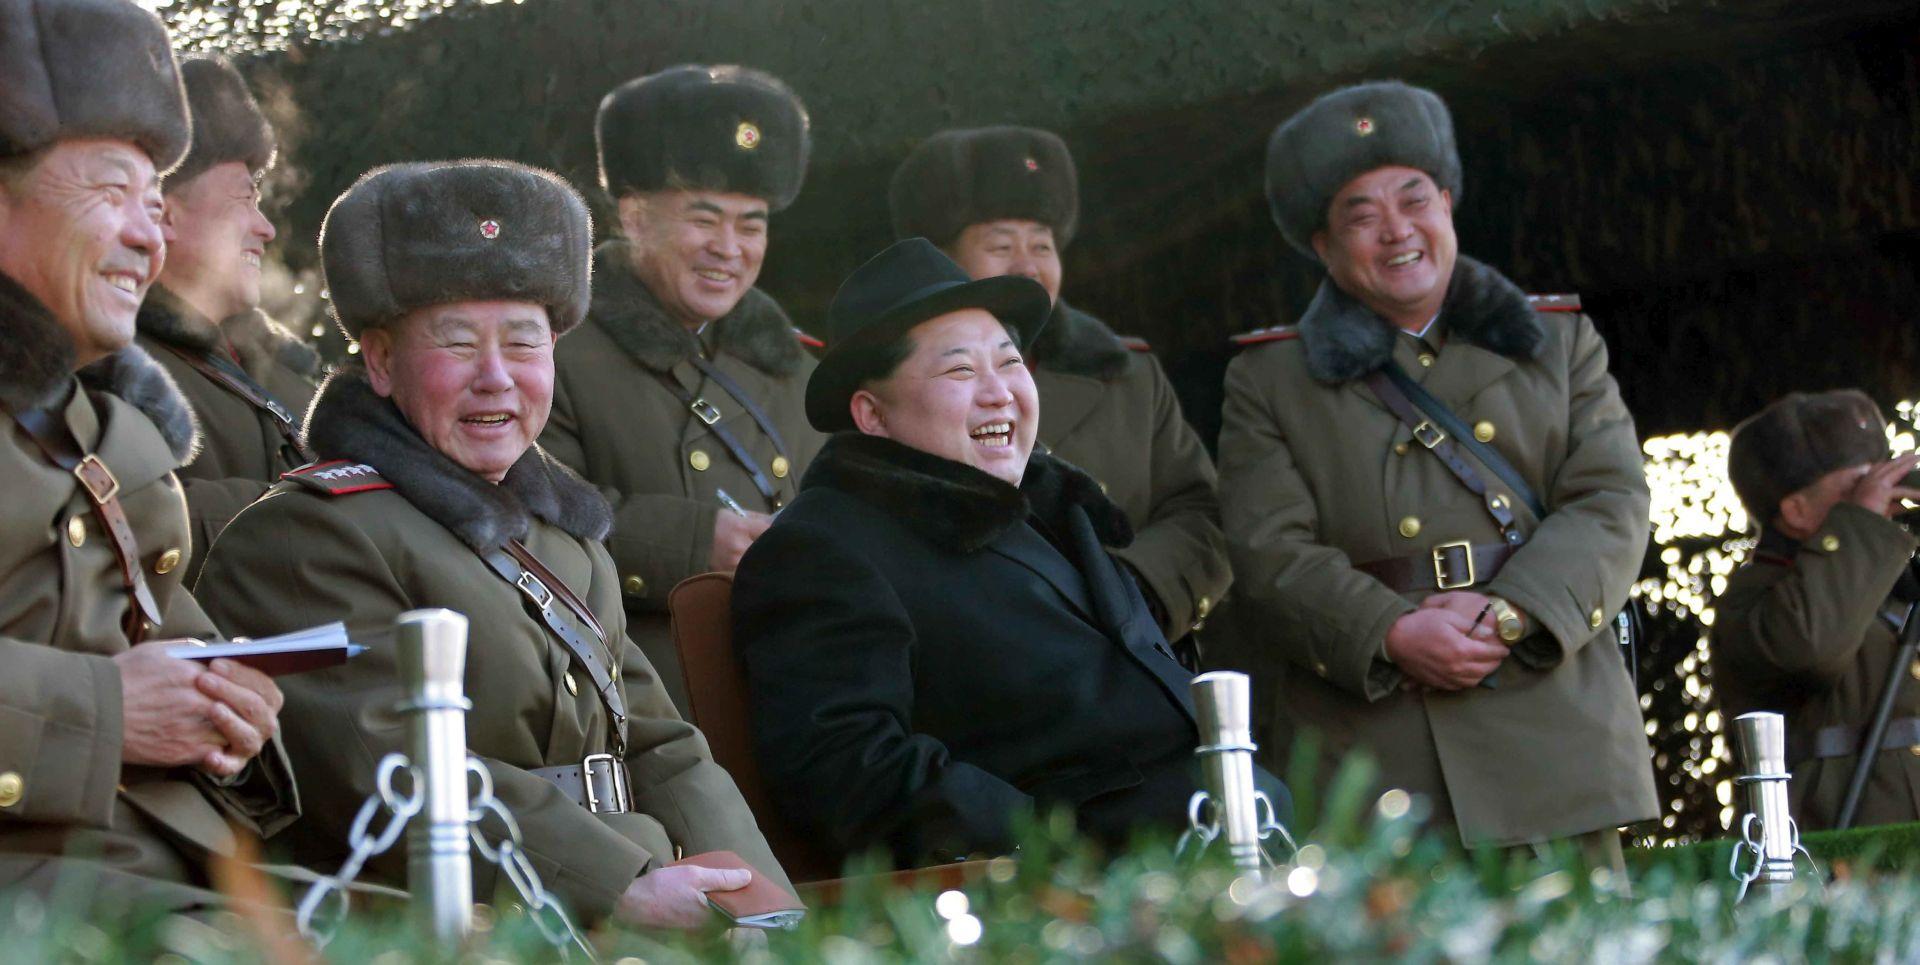 """KIM JONG-UN BIJESNI """"Američke financijske sankcije su otvorena objava rata, slijedi odmazda"""""""